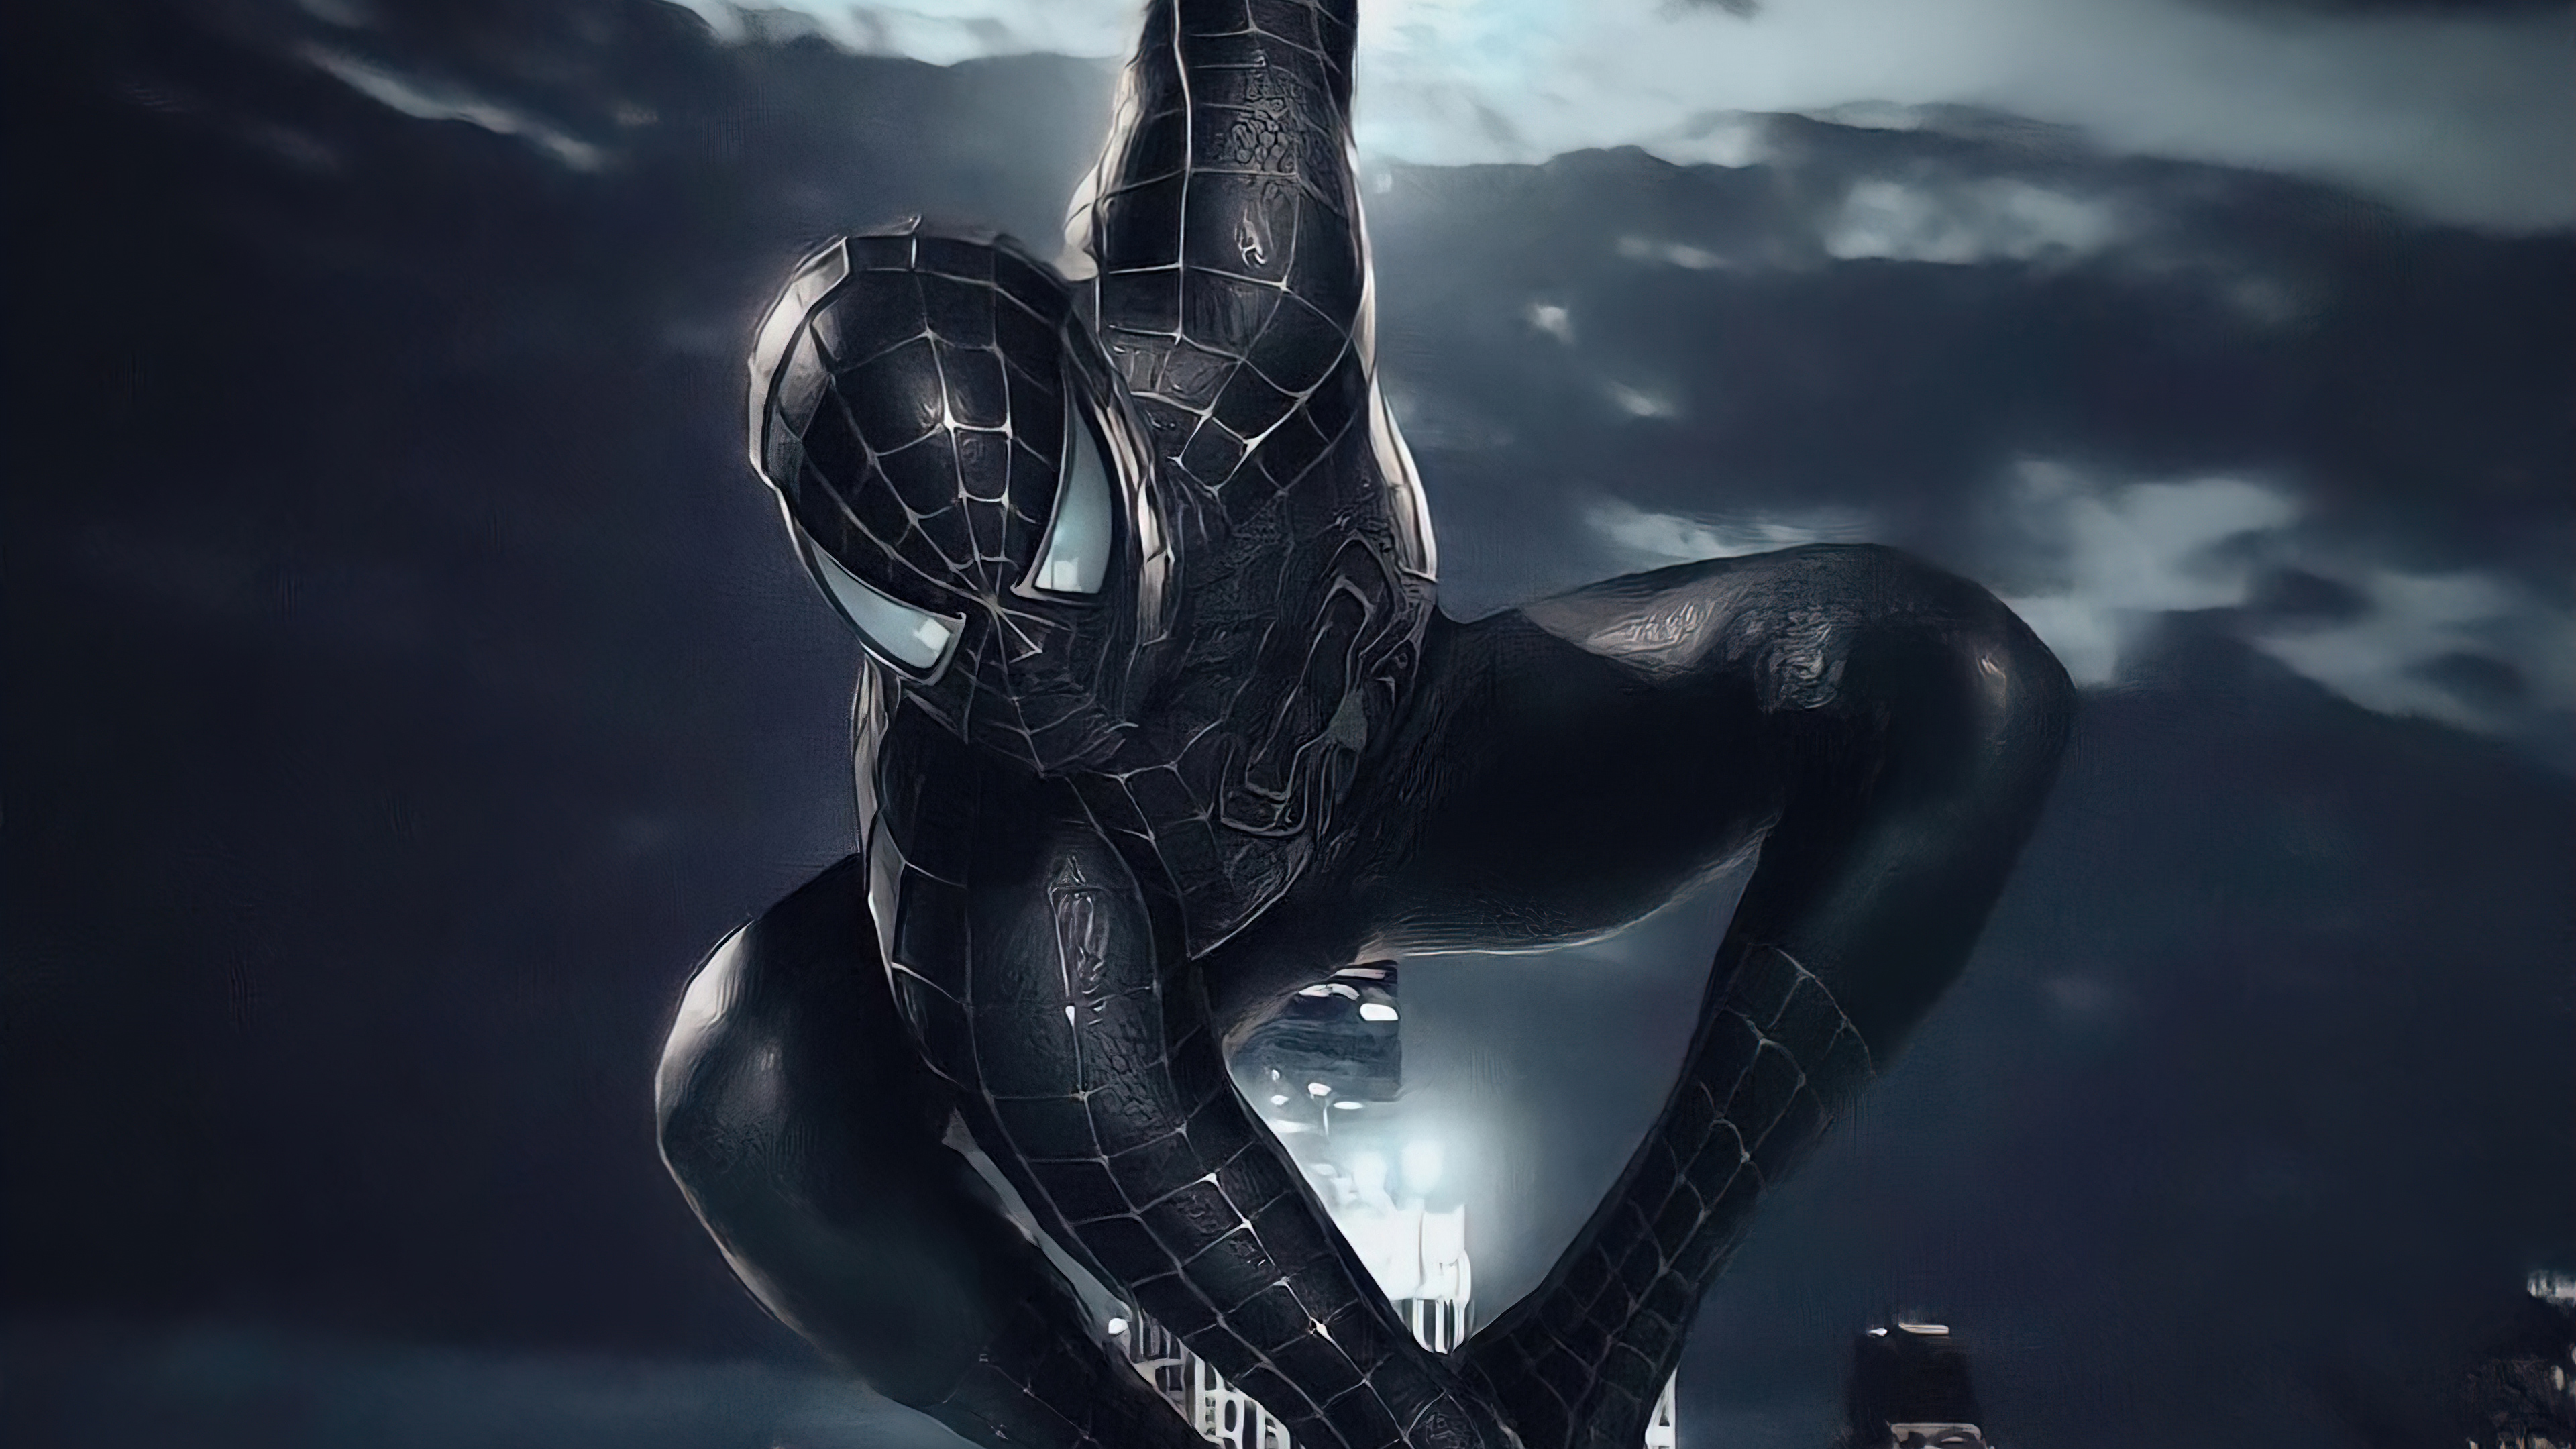 Fondos de pantalla Spider Man con traje negro